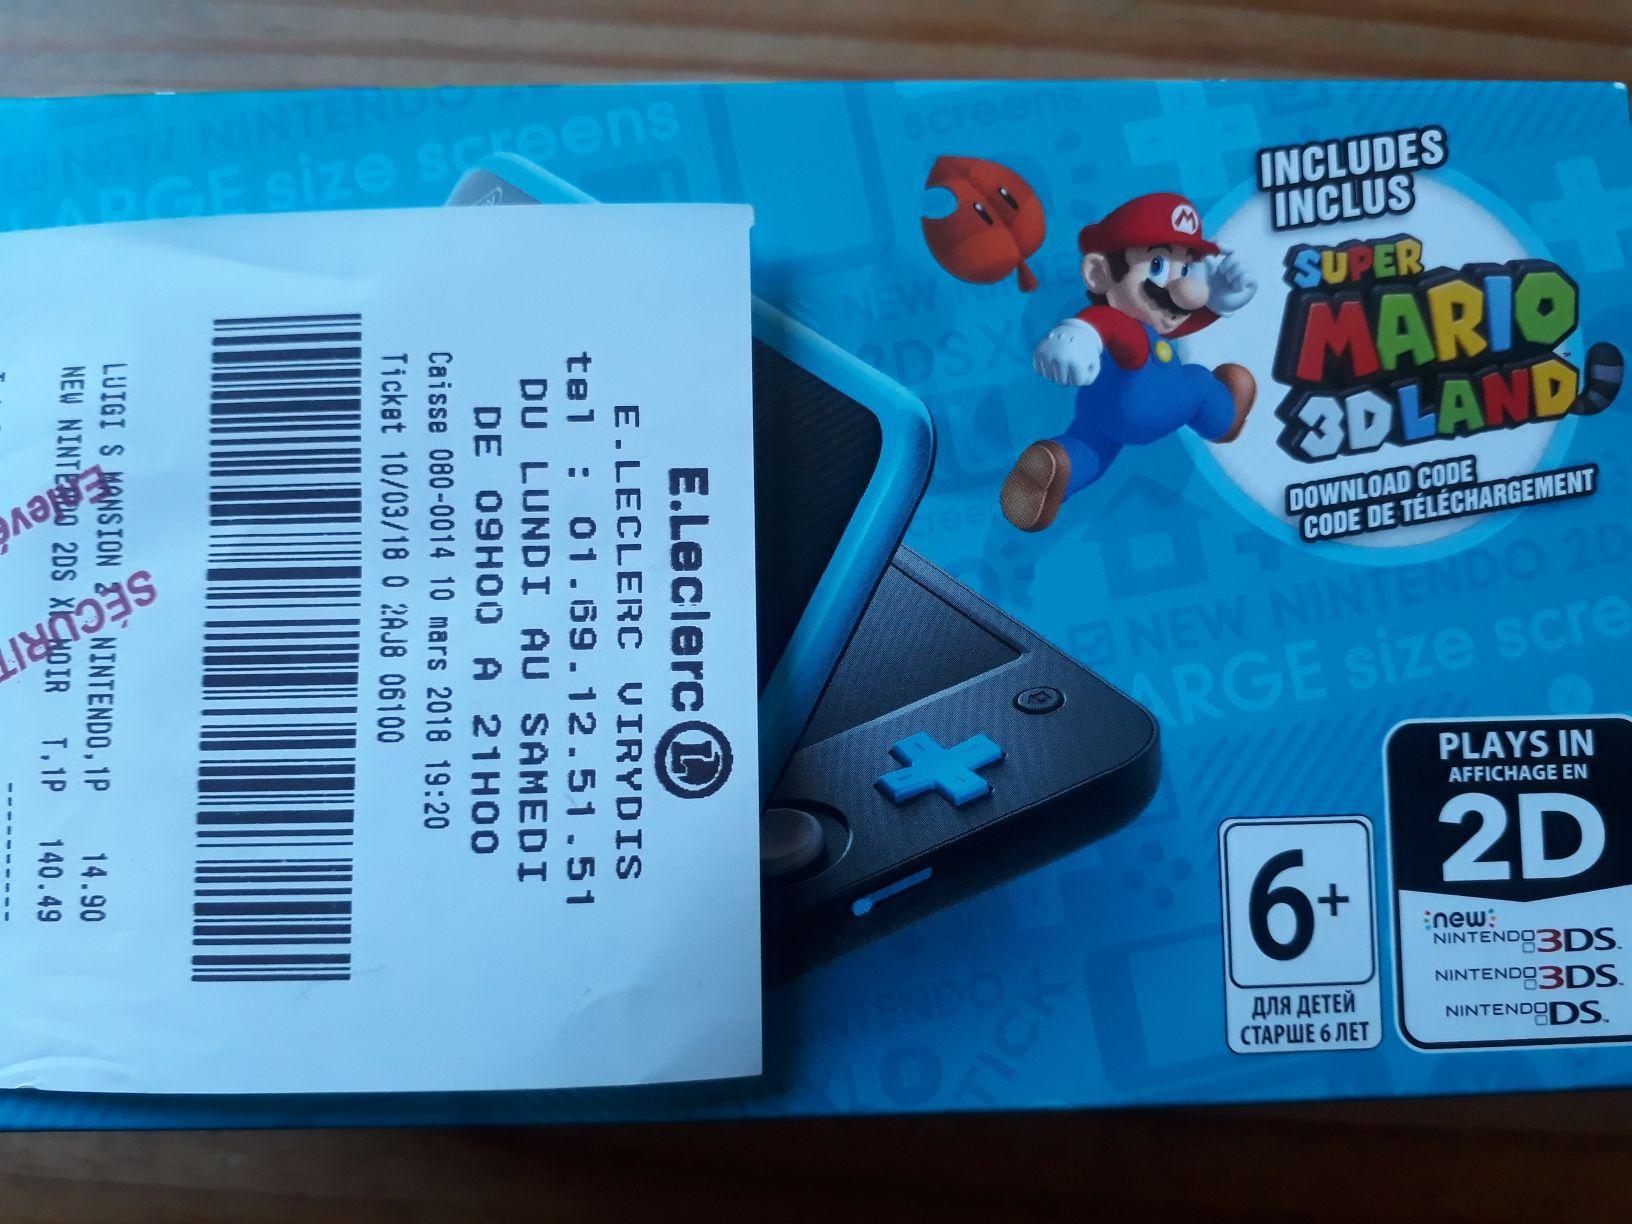 Pack console Nintendo New Nintendo 2DS XL+ Super Mario 3D Land (Dématérialisé)  - Viry (91)